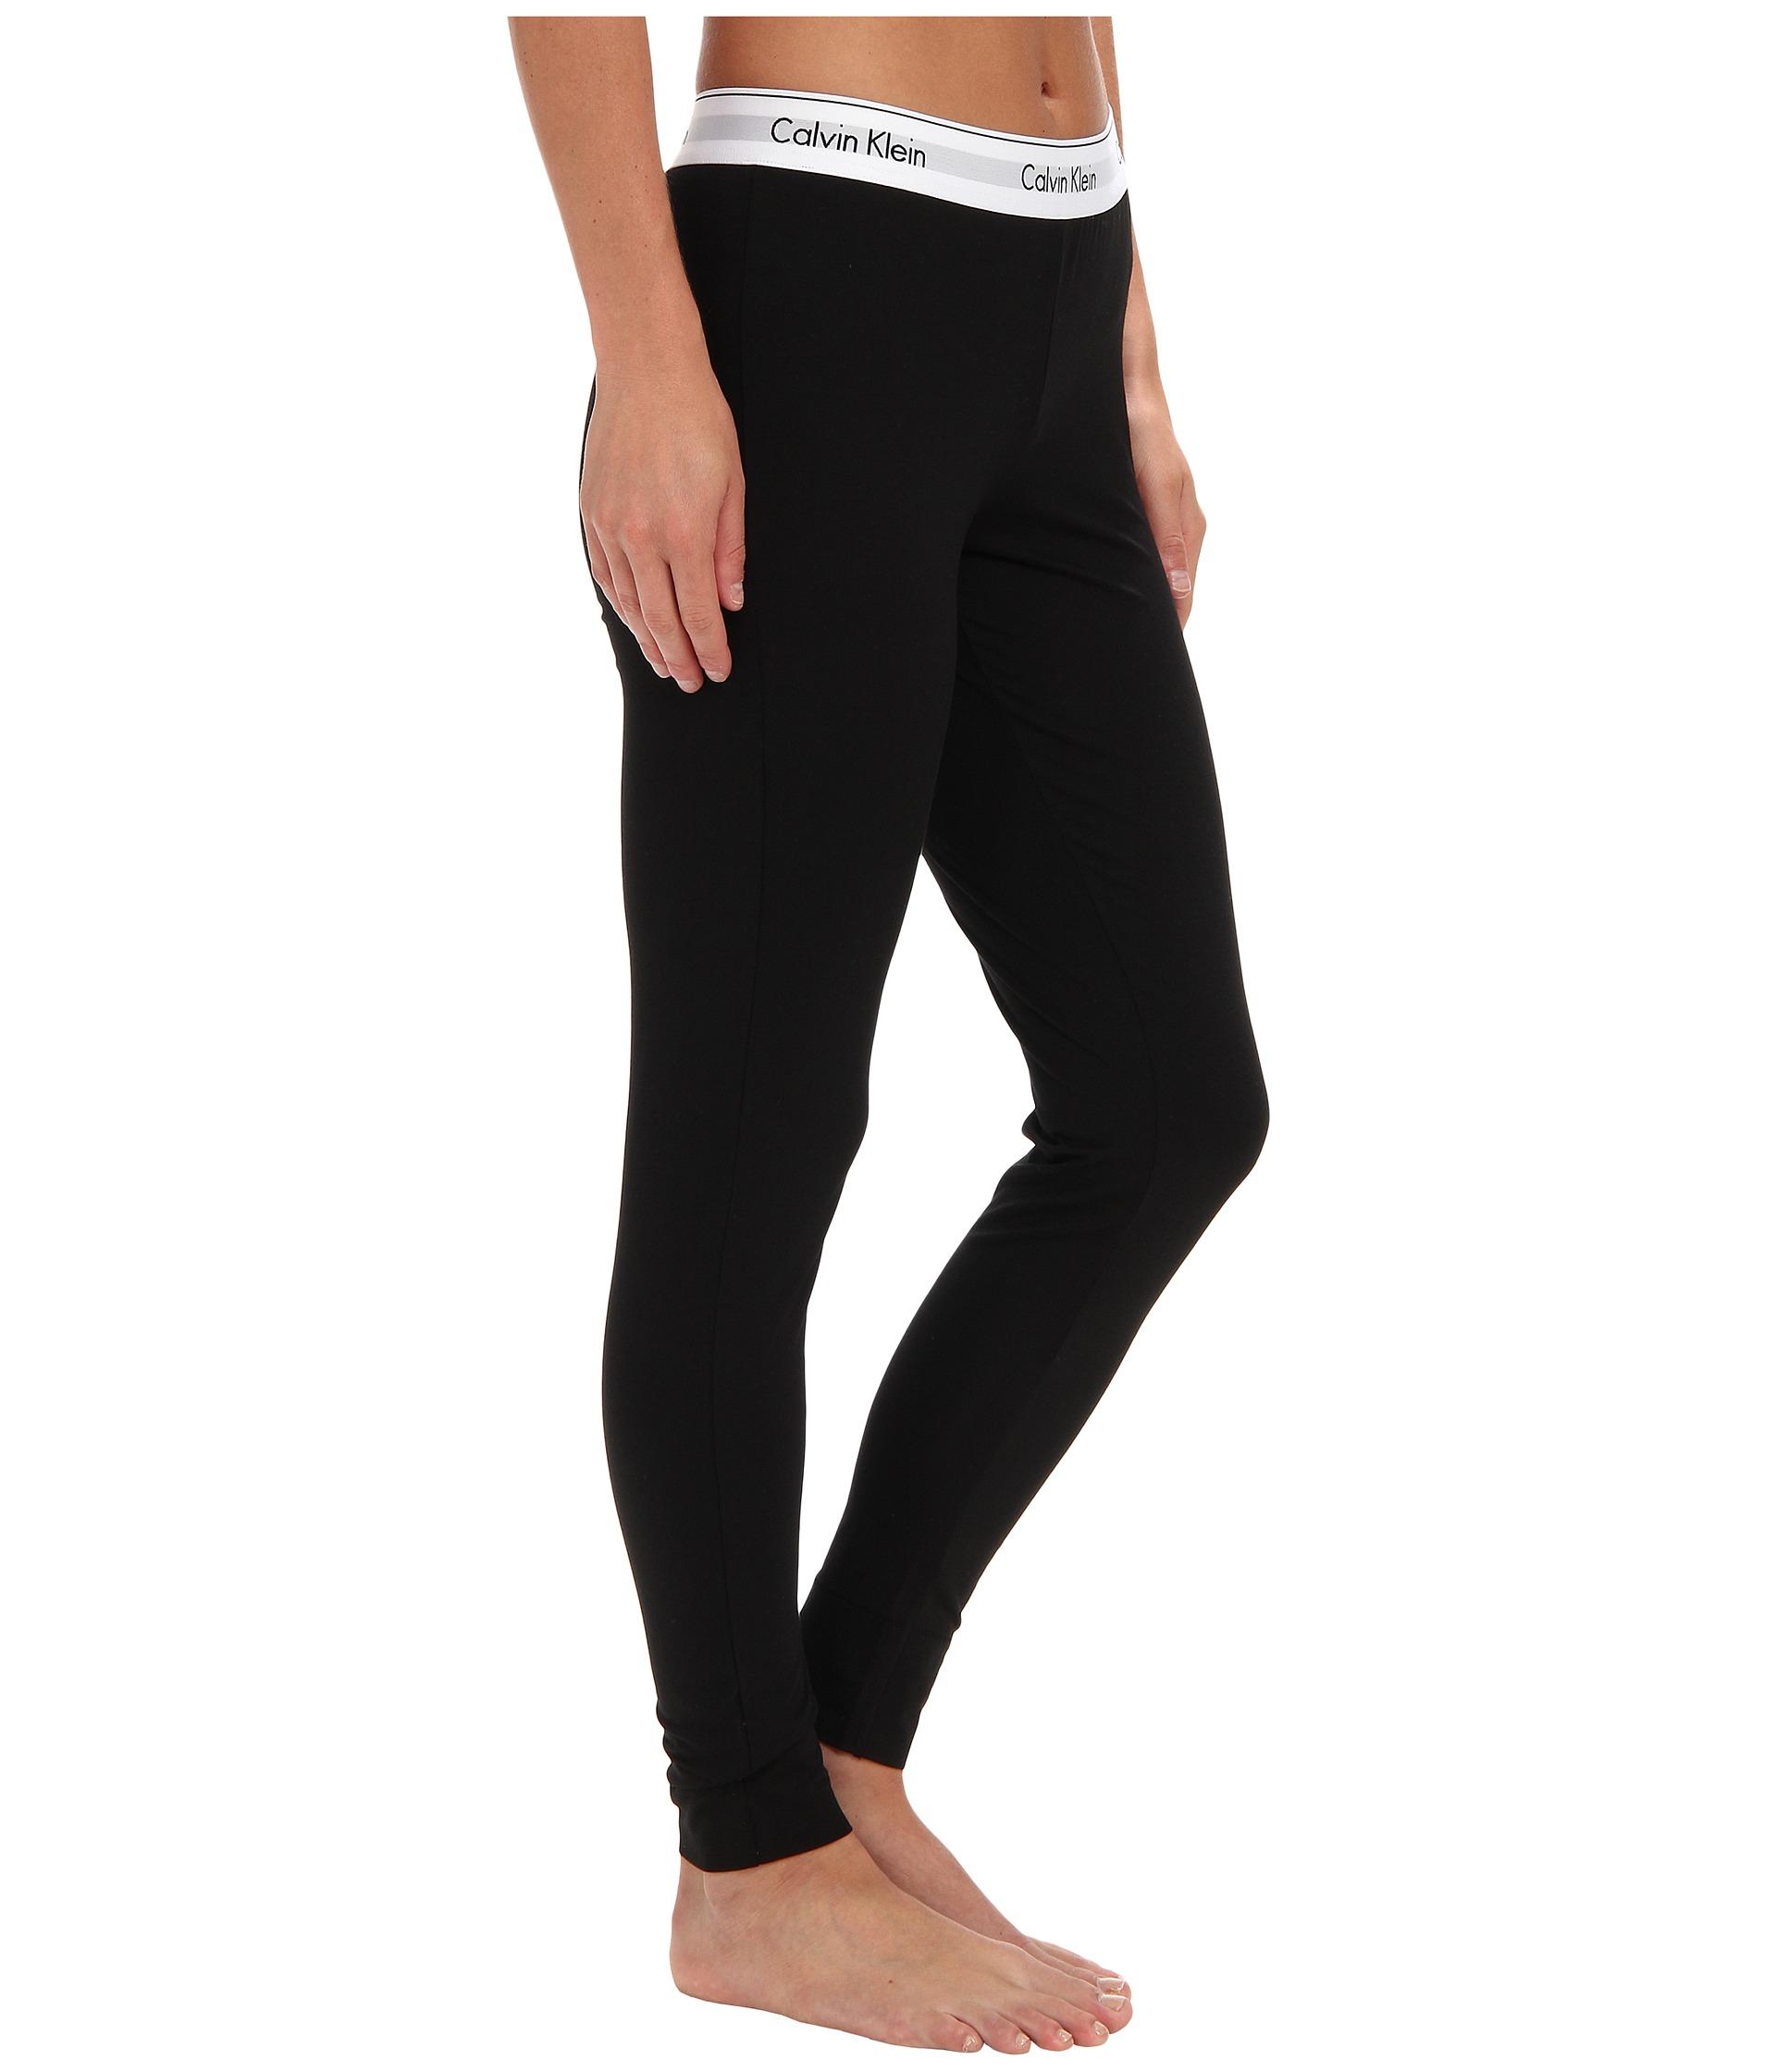 calvin klein underwear modern cotton legging at. Black Bedroom Furniture Sets. Home Design Ideas